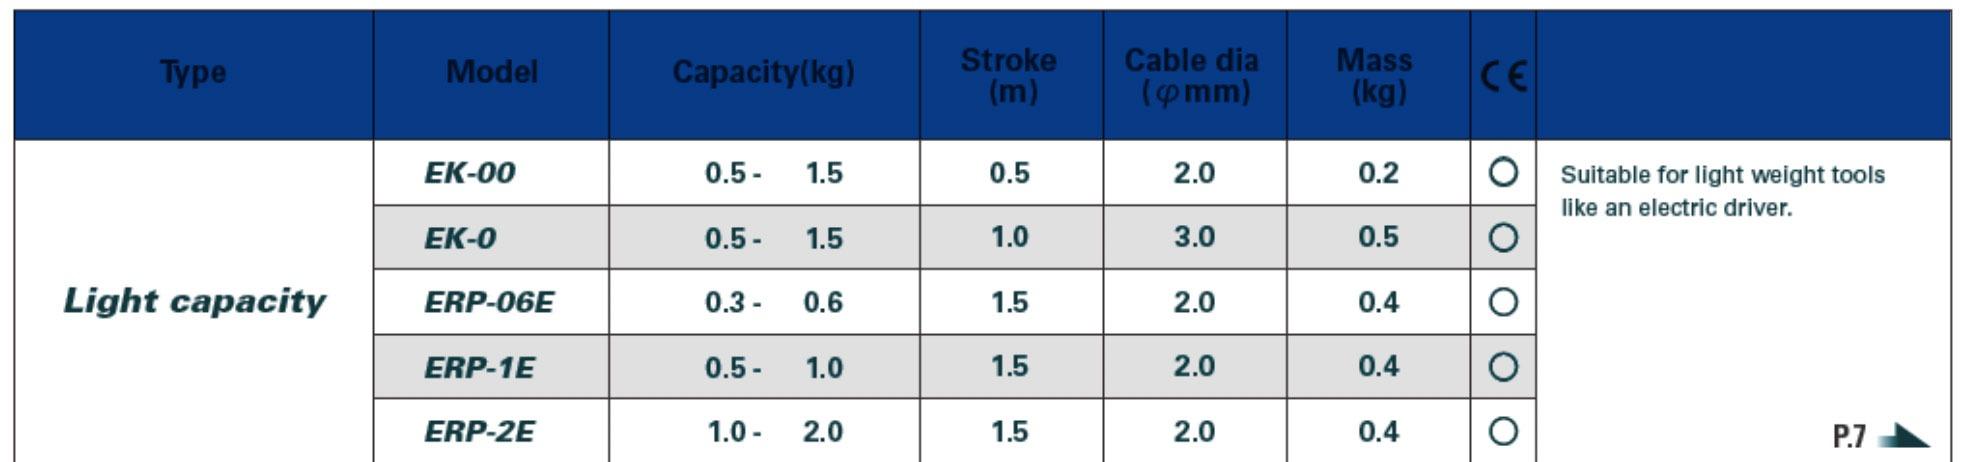 TABELLA EK Avvitatori per assemblaggio industriale I bilanciatori a molla della gamma Airtechnology / ENDO presentano diversi modelli ciascuno con specifiche peculiarità: SERIE EK – ERP – Capacità di bilanciamento e ritrazione leggera per carichi fino a 1,5 Kg per EK e fino a 2,0 Kg per ERP SERIE ATB-THB – Capacità di bilanciamento e ritrazione con alimentazione diretta avvitatori pneumatici di peso sino a 6,5 Kg SERIE EW - EWS – Capacità di bilanciamento e ritrazione per carichi sino a 7 Kg SERIE EWF - Capacità di bilanciamento e ritrazione per carichi sino a 120 Kg SERIE A – Capacità di bilanciamento e ritrazione da 70 fino a 120 Kg con sistema di riavvolgimento e ritrazione frizionato per un riavvolgimento rallentato e gancio di appensione prolungato SERIE B – Capacità di bilanciamento e ritrazione sino a 7 Kg con sistema di riavvolgimento e ritrazione frizionato per un riavvolgimento rallentato SERIE C Green Generation - Bilanciatori in acciaio zincato non verniciato capacità di sollevamento e ritrazione siano a 120 Kg SERIE X Green Generation - Bilanciatori in acciaio zincato non verniciato capacità di sollevamento e ritrazione siano a 120 Kg SERIE Y Green Generation - Bilanciatori in acciaio INOX capacità di sollevamento e ritrazione siano a 120 Kg ideali PER APPLICAZIONI IN AMBITI ALIMENTARI SERIE ELF - Capacità di bilanciamento e ritrazione sino a 70 Kg ma con corsa di avvolgimento lunga SERIE EWA - Capacità di bilanciamento e ritrazione sino a 70 Kg ma con sistema di sicurezza anti riavvolgimento improvviso del cavo (snap-back) in caso di perdita del carico o di rottura del cavo di apprensione carico SERIE ETP - Capacità di bilanciamento e ritrazione per carichi da 120 Kg sino a 200 Kg